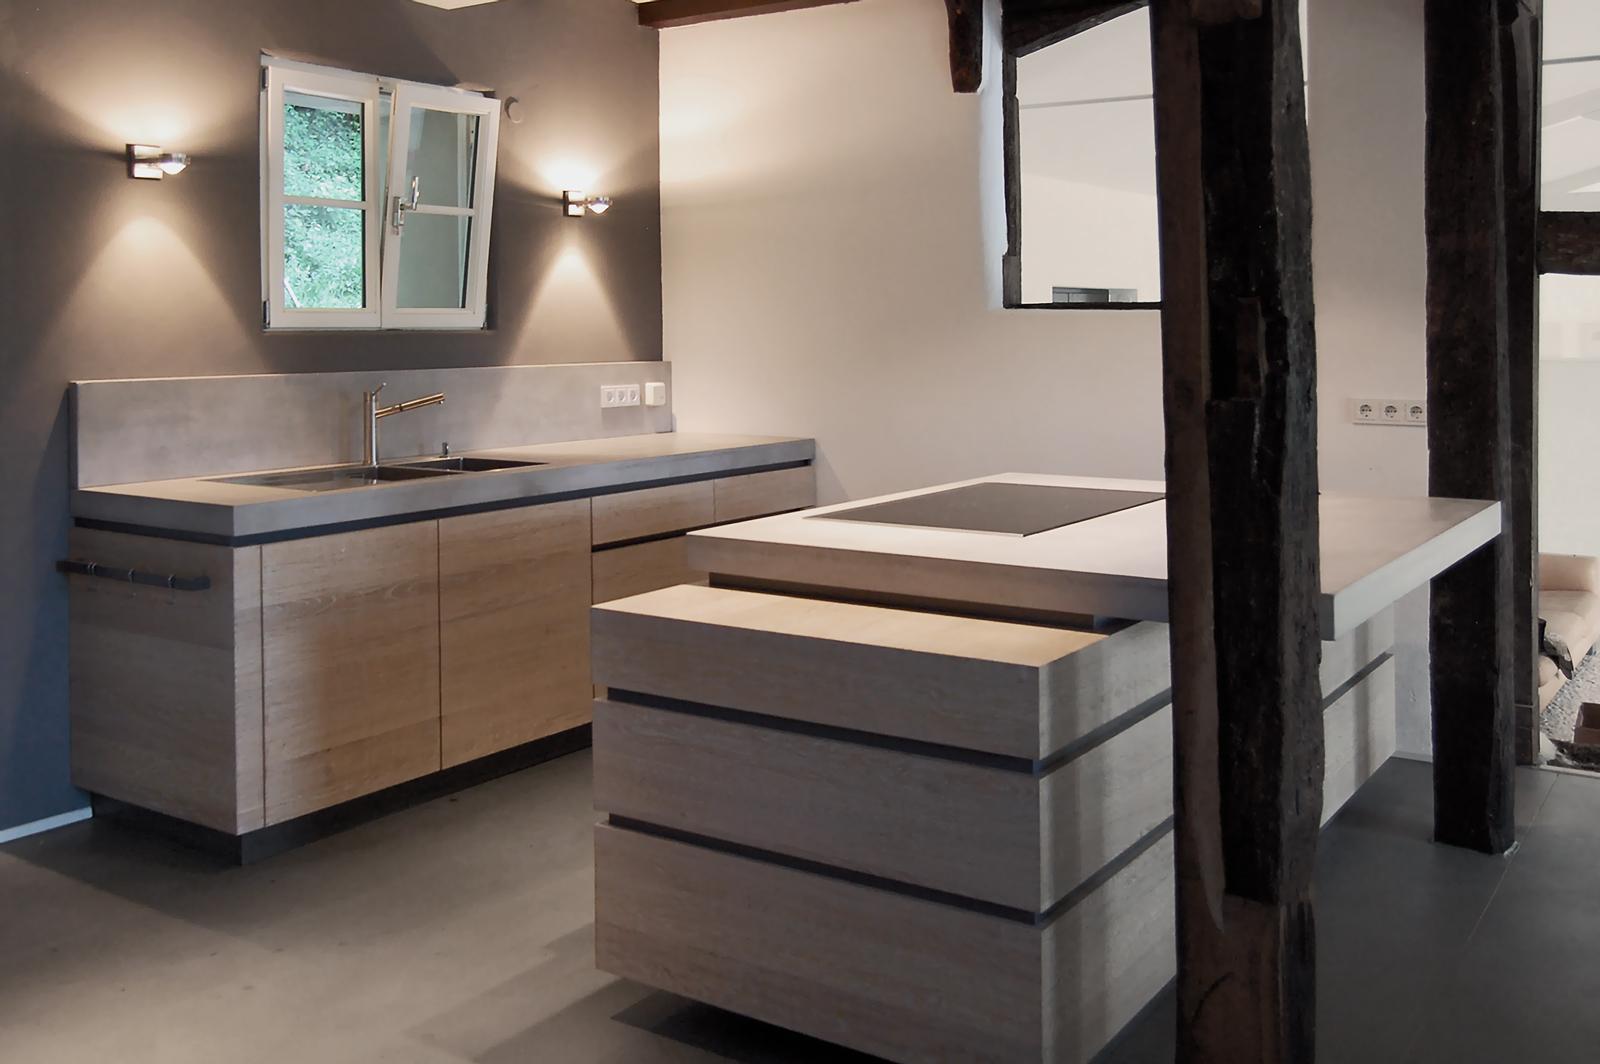 exklusive design k che im alten bauernhaus hbplus d sseldorf aufdiefeineart. Black Bedroom Furniture Sets. Home Design Ideas